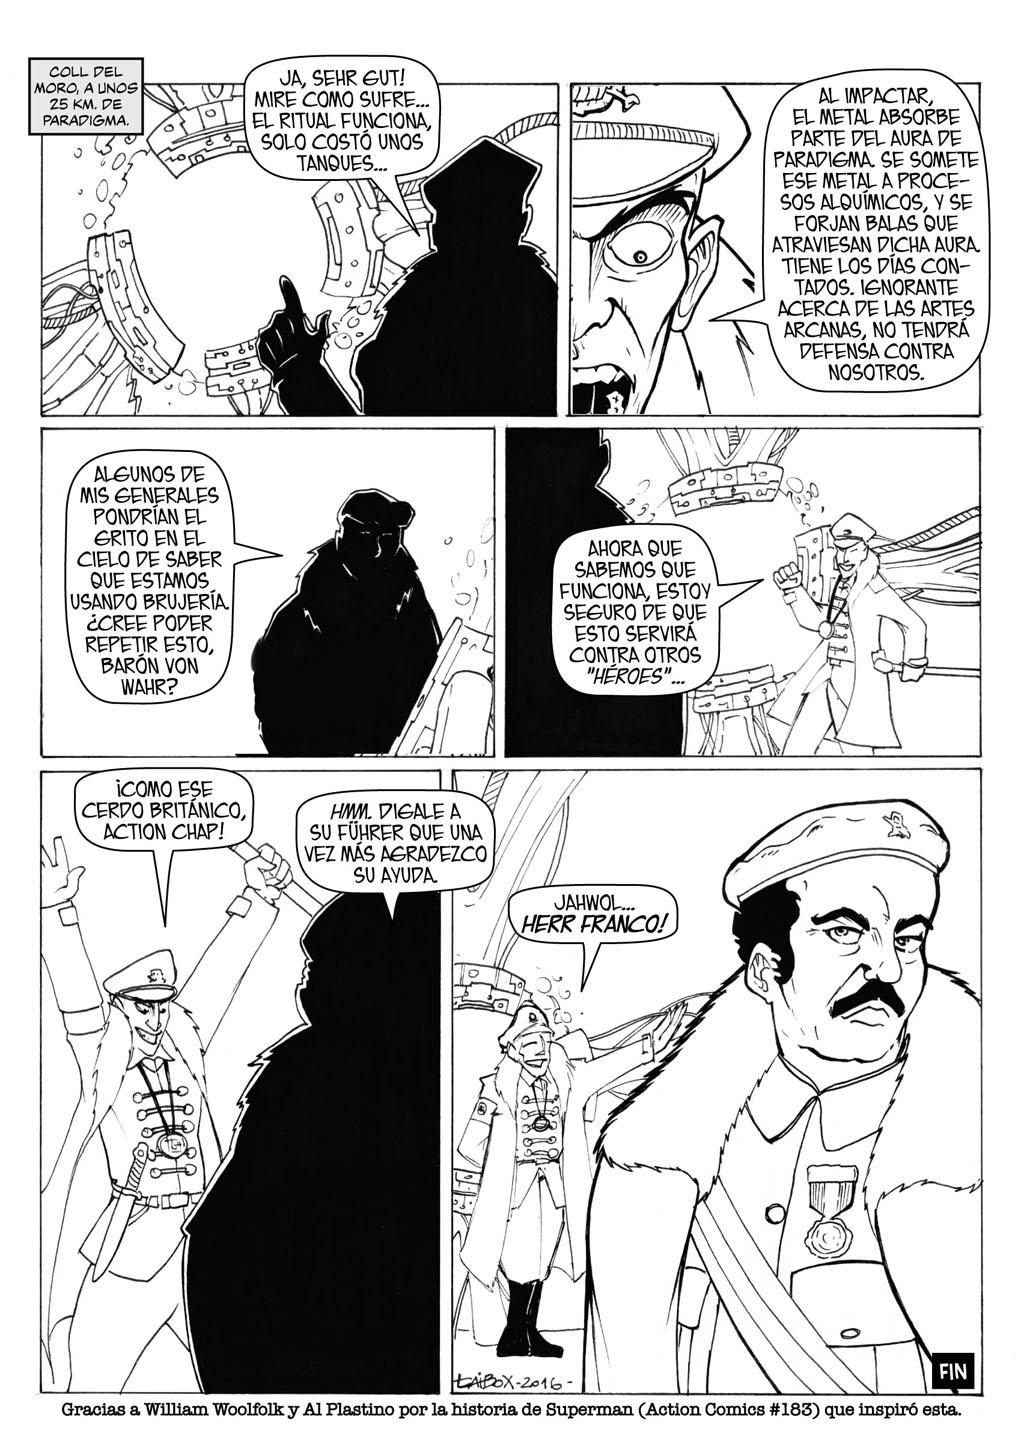 Extra: Universo Portento - Profesor Paradigma en Diez Mil Veces (Página 11)